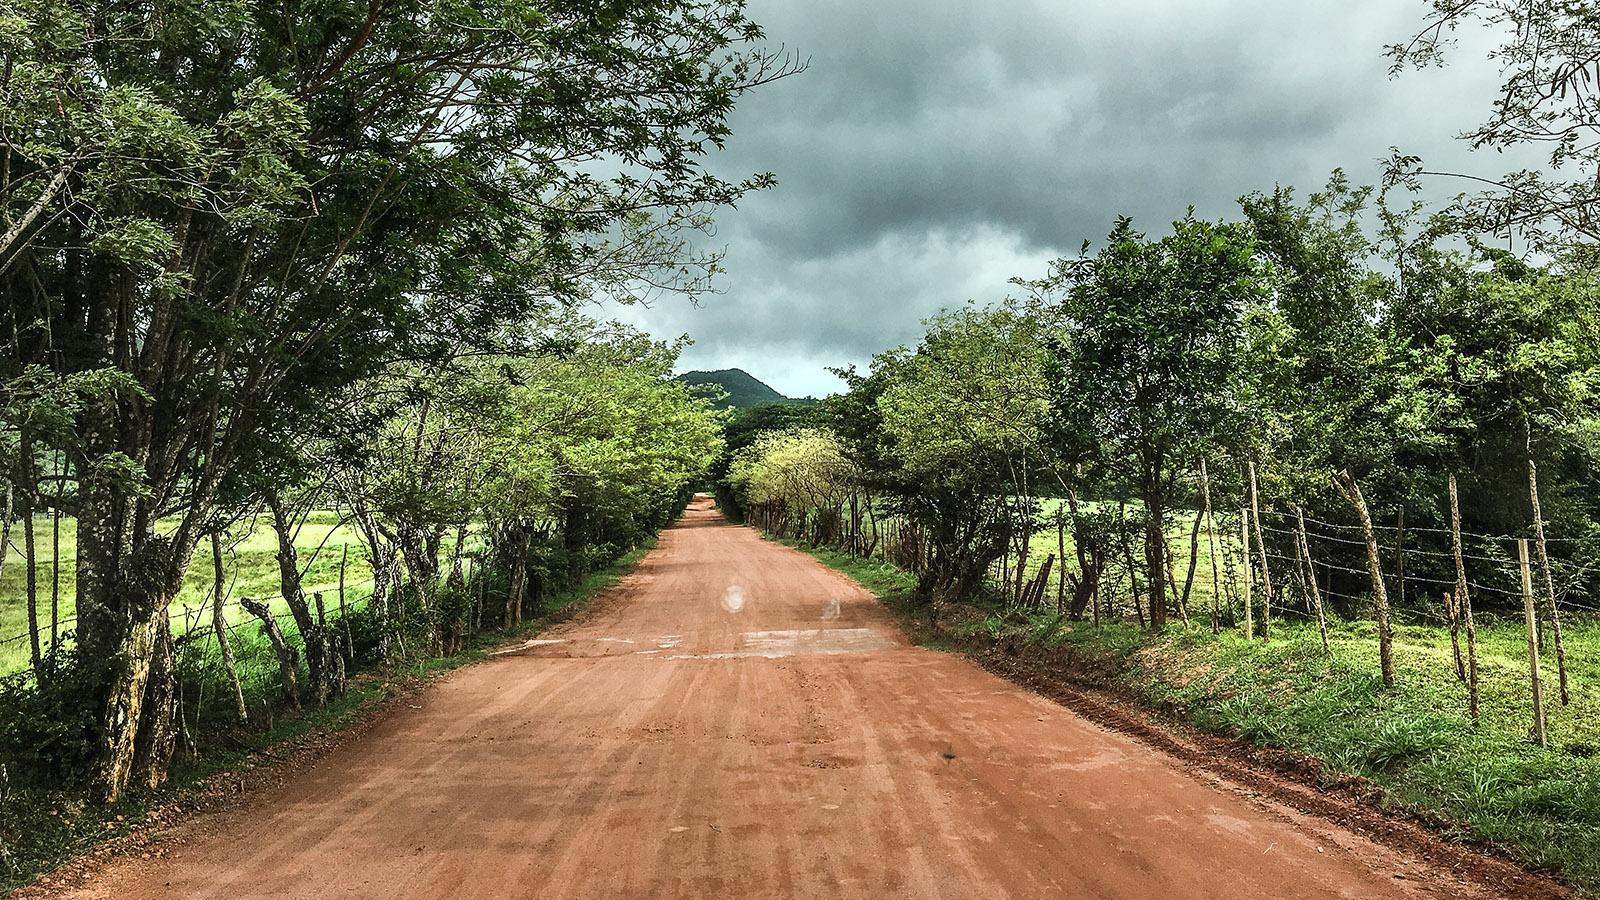 Auf dieser Offroad-Piste kommt ihr ins Village de Poterie. Foto: Hilke Maunder